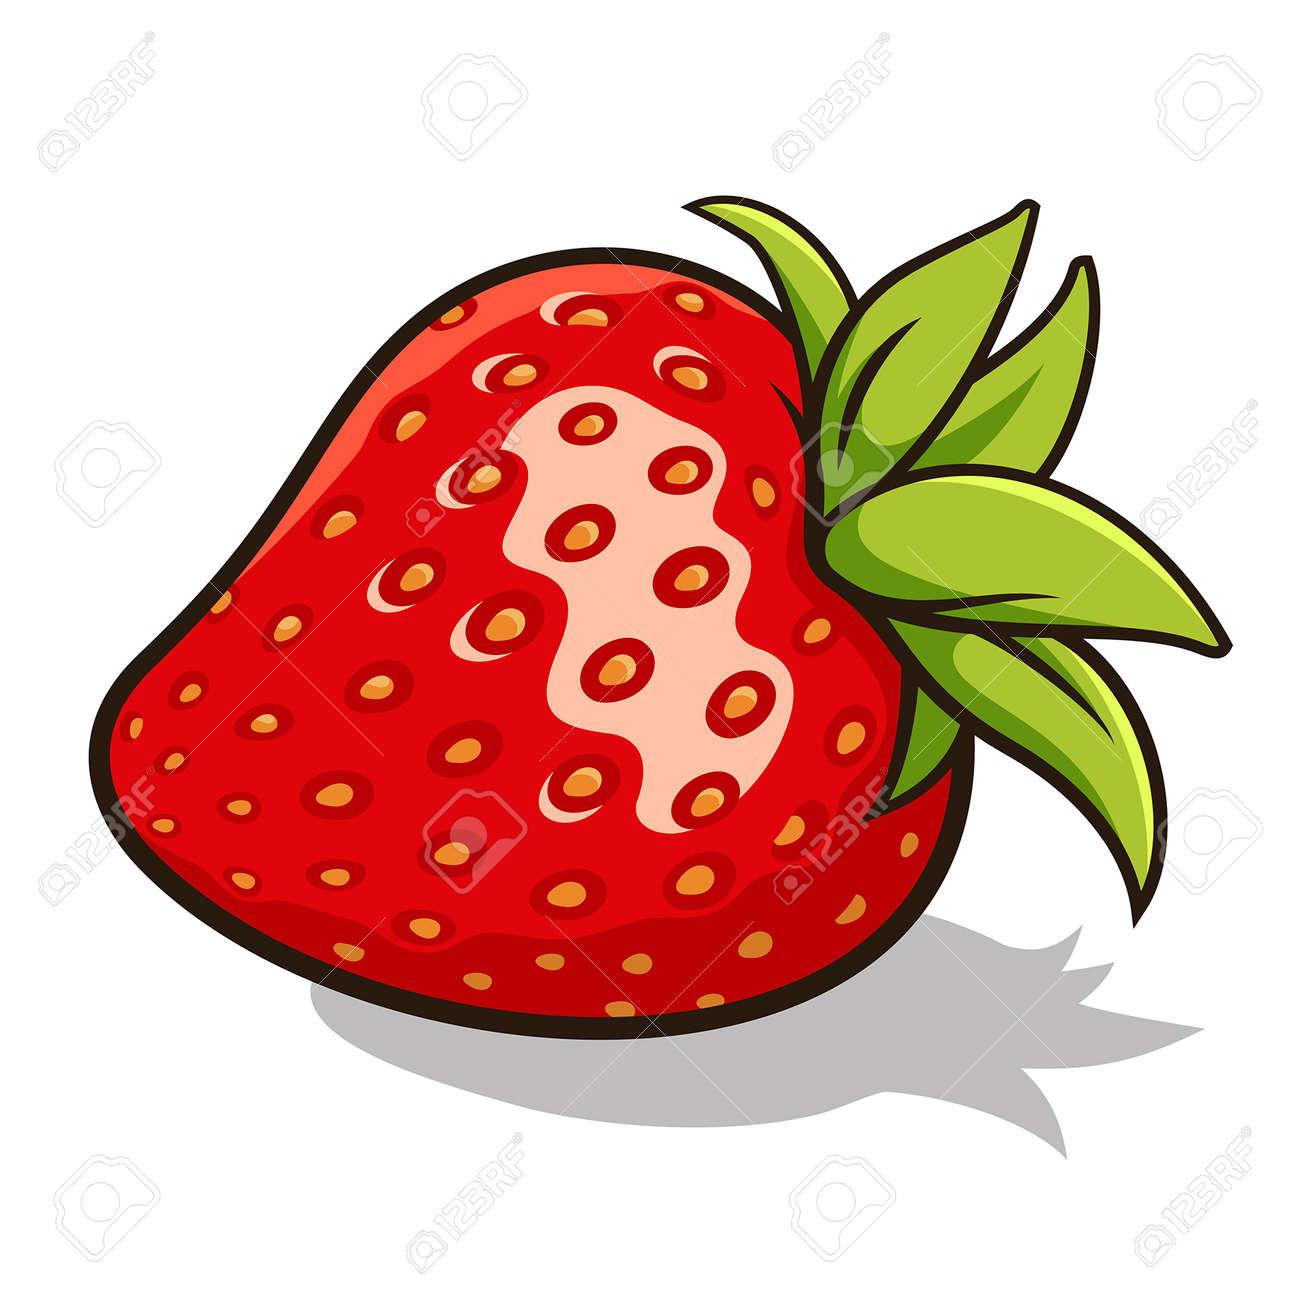 illustration of fresh, ripe strawberry isolated on white - 48552009